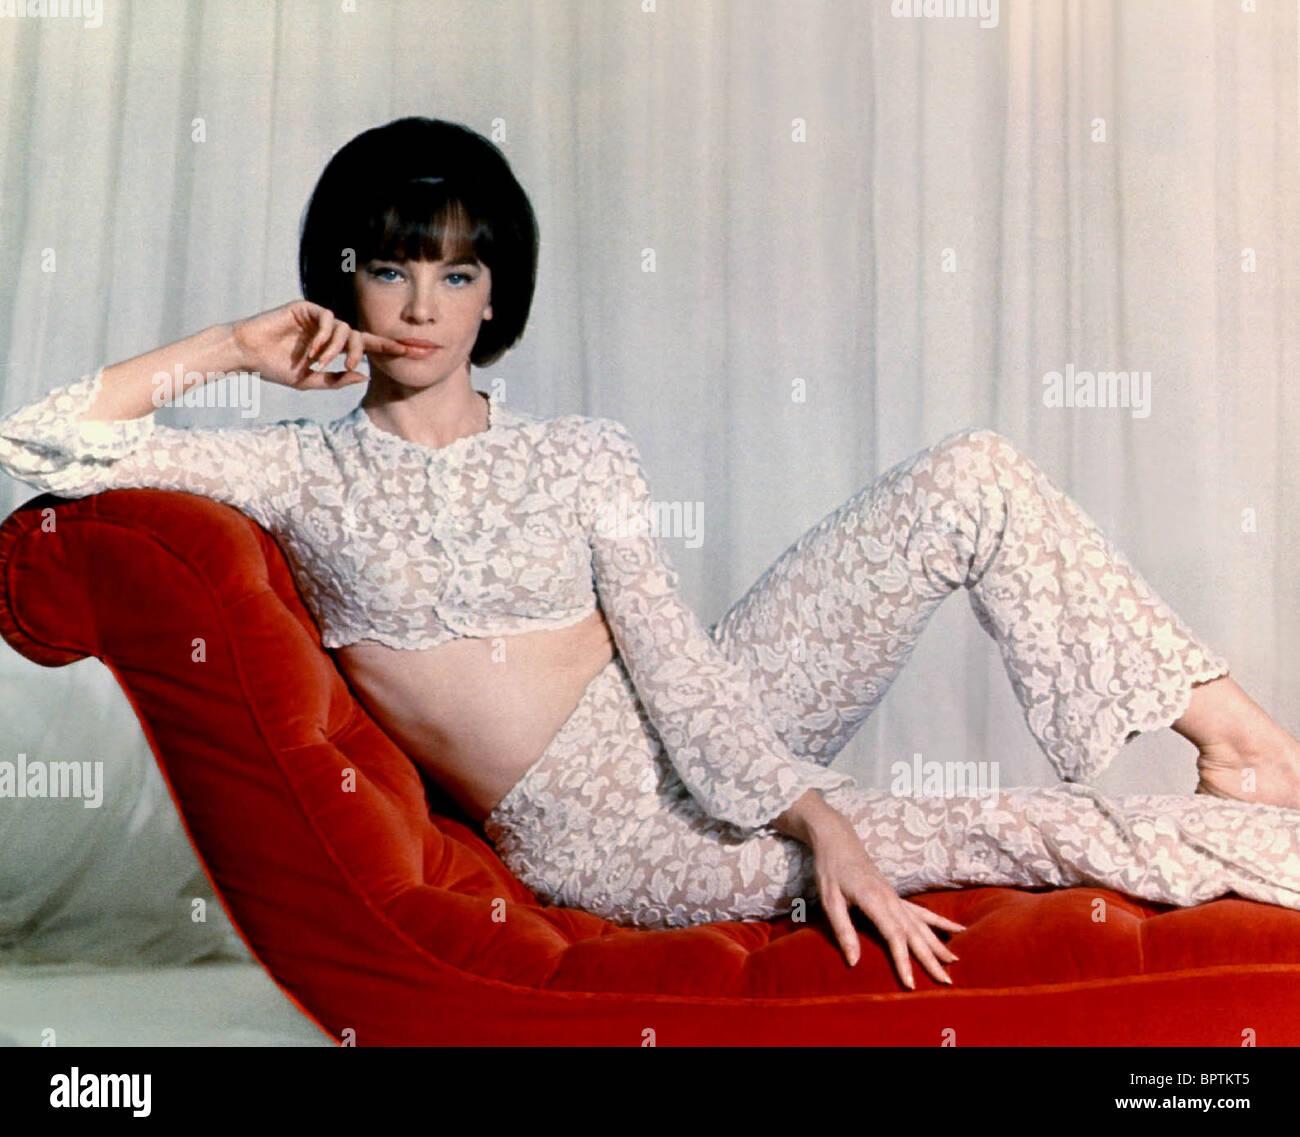 LESLIE CARON ACTRESS (1962) - Stock Image